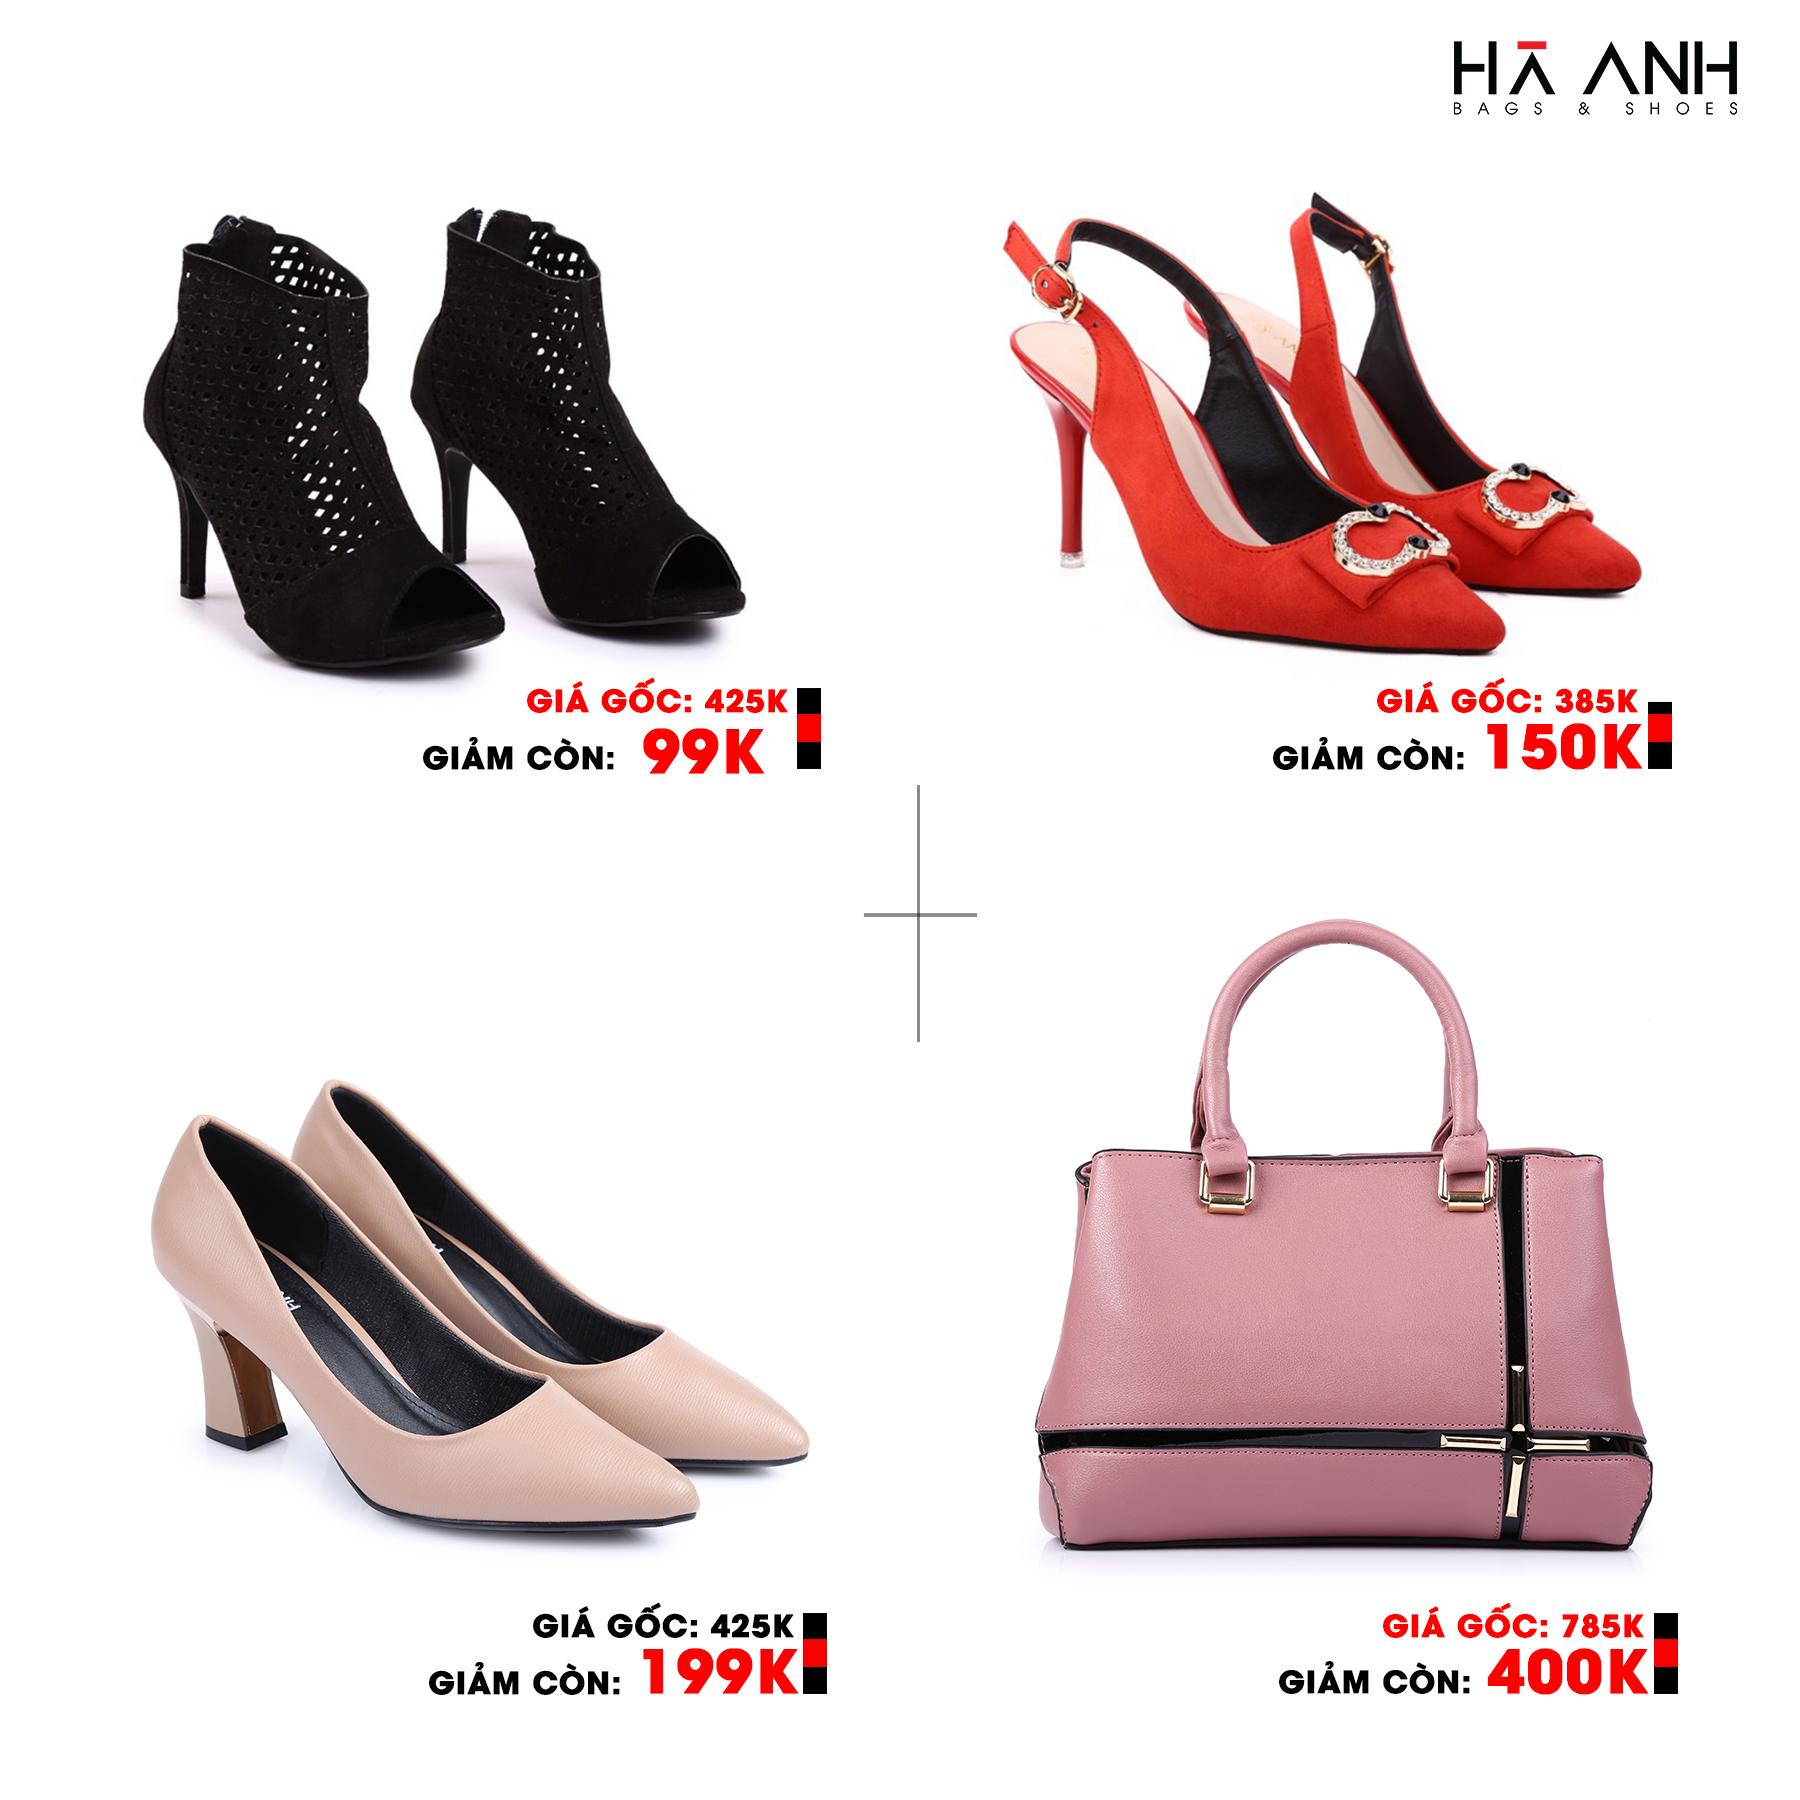 Đồng giá 99K - 150K - 199K các mẫu Giày - Túi thời trang xuất sắc.